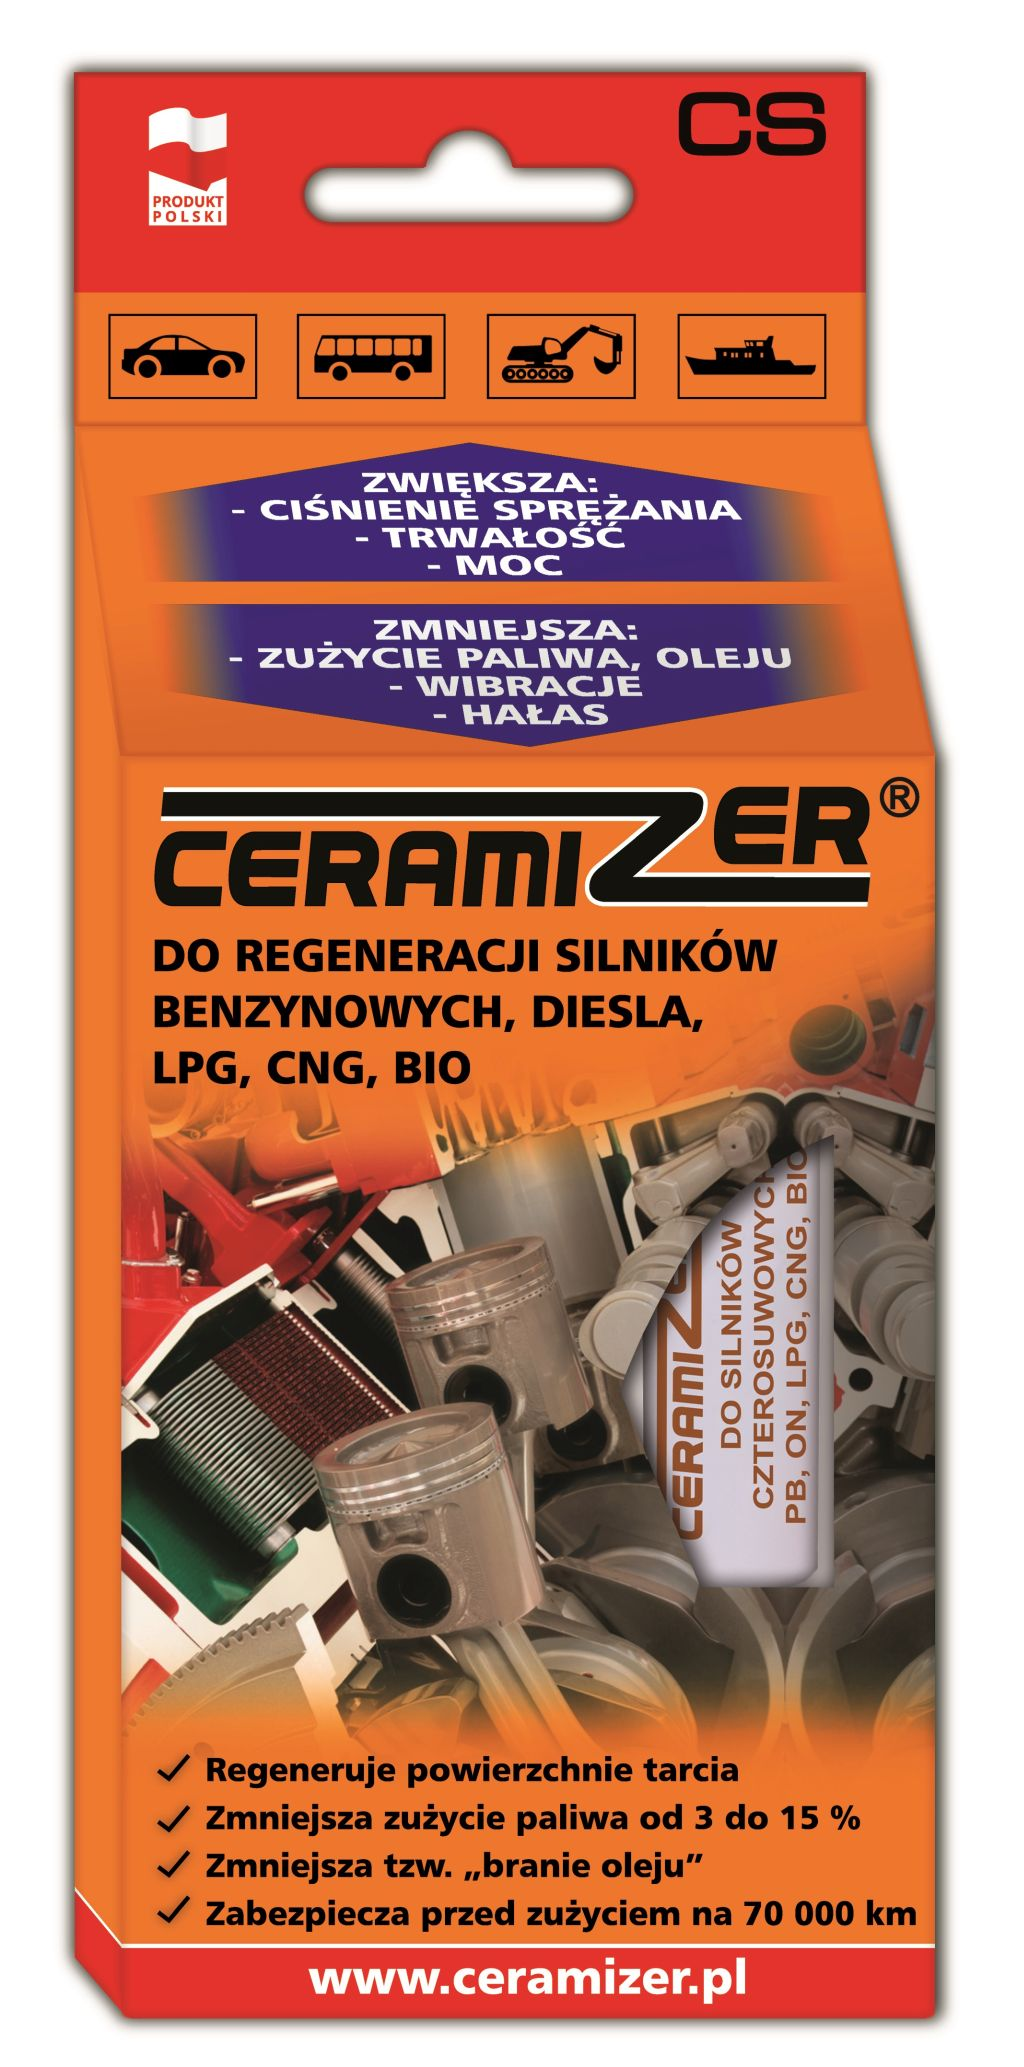 Ceramizer CS – Zregeneruj silnik swojego samochodu !